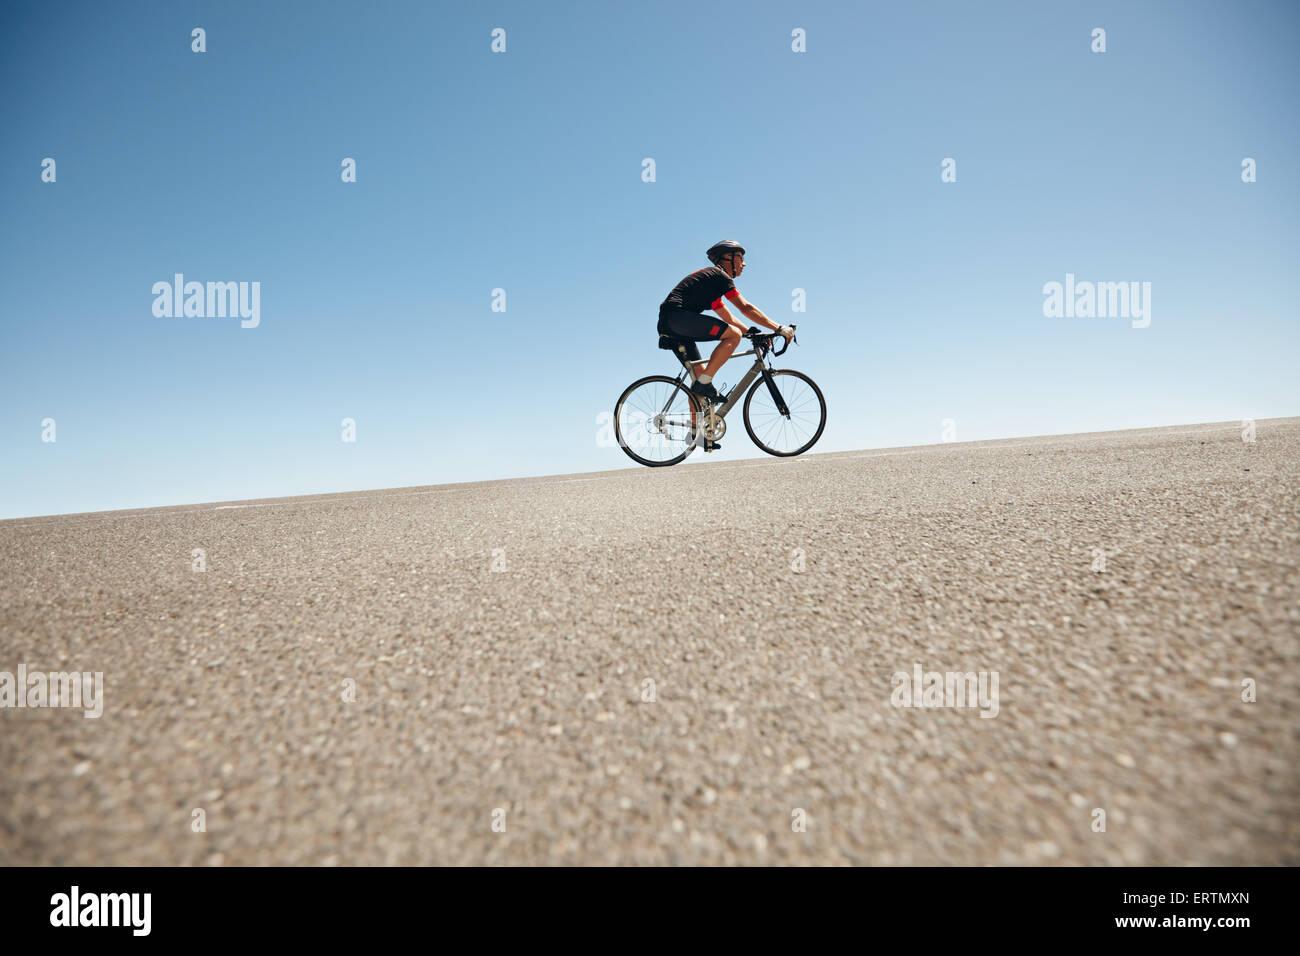 Un ángulo bajo la imagen de un ciclista circulaba en una carretera plana contra el cielo azul. Hombre subiendo Imagen De Stock